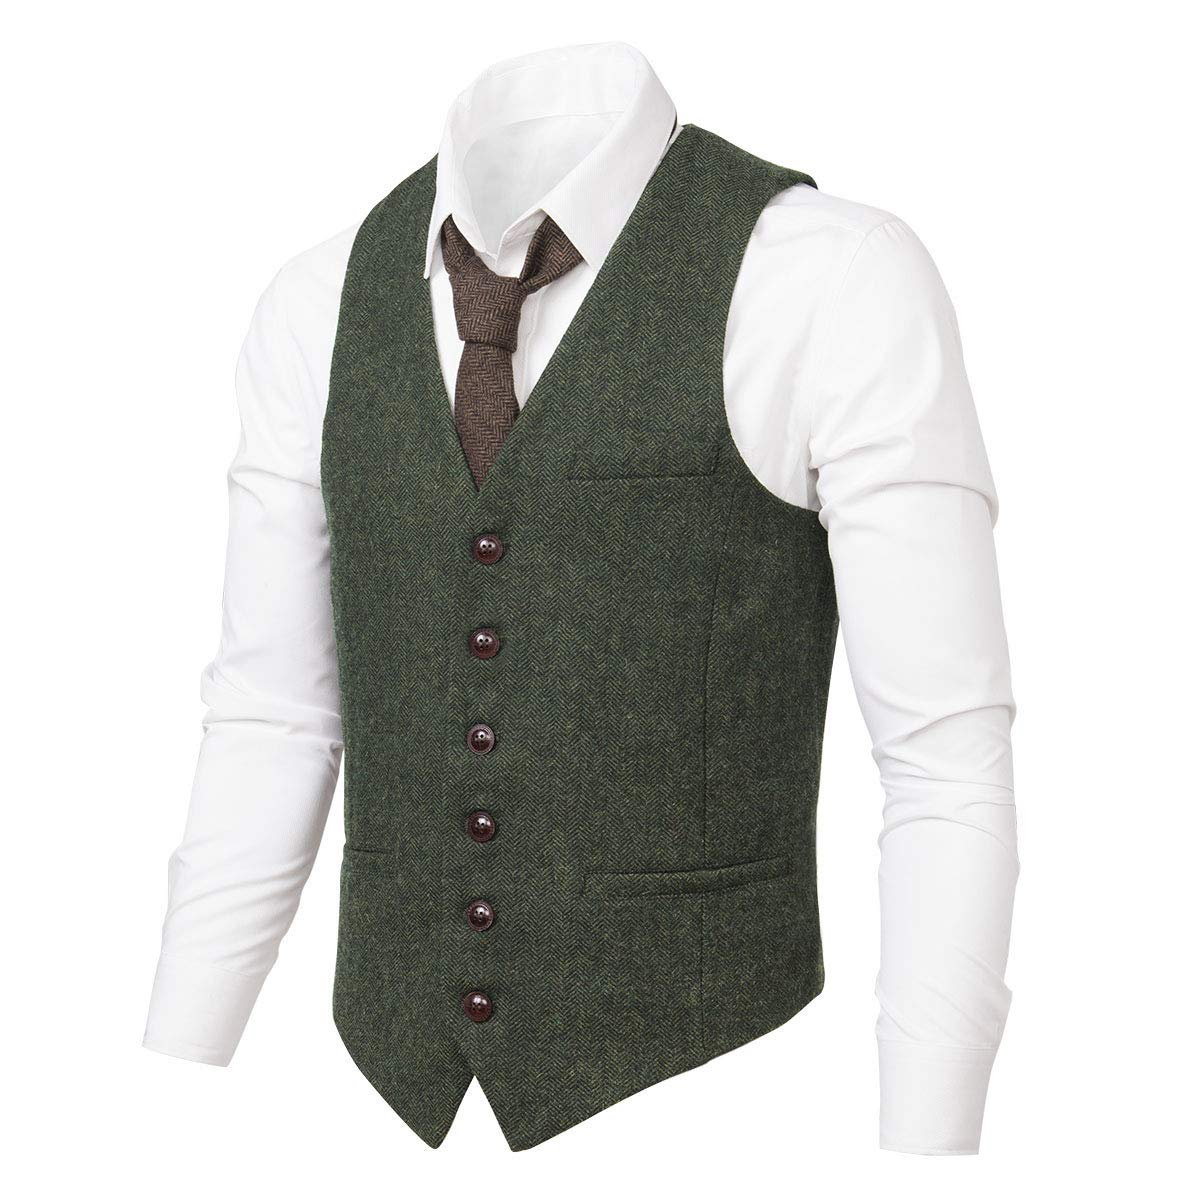 VOBOOM Men's Slim Fit Herringbone Tweed Suits Vest Premium Wool Blend Waistcoat (Army Green, L) by VOBOOM